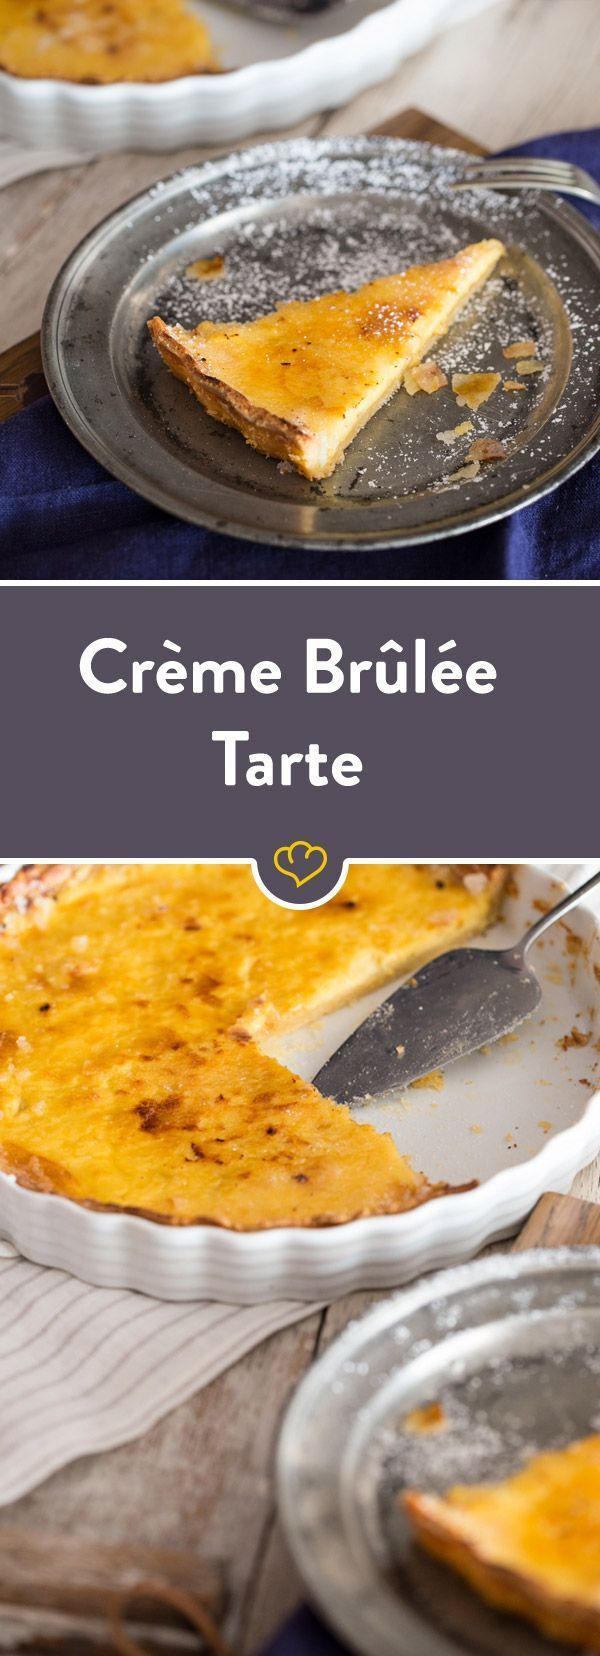 Tausch das Schälchen gegen eine Springform und backe eine ordentliche Familienration Crème brûlée in knuspriger Mürbeteig-Hülle. (scheduled via http://www.tailwindapp.com?utm_source=pinterest&utm_medium=twpin)